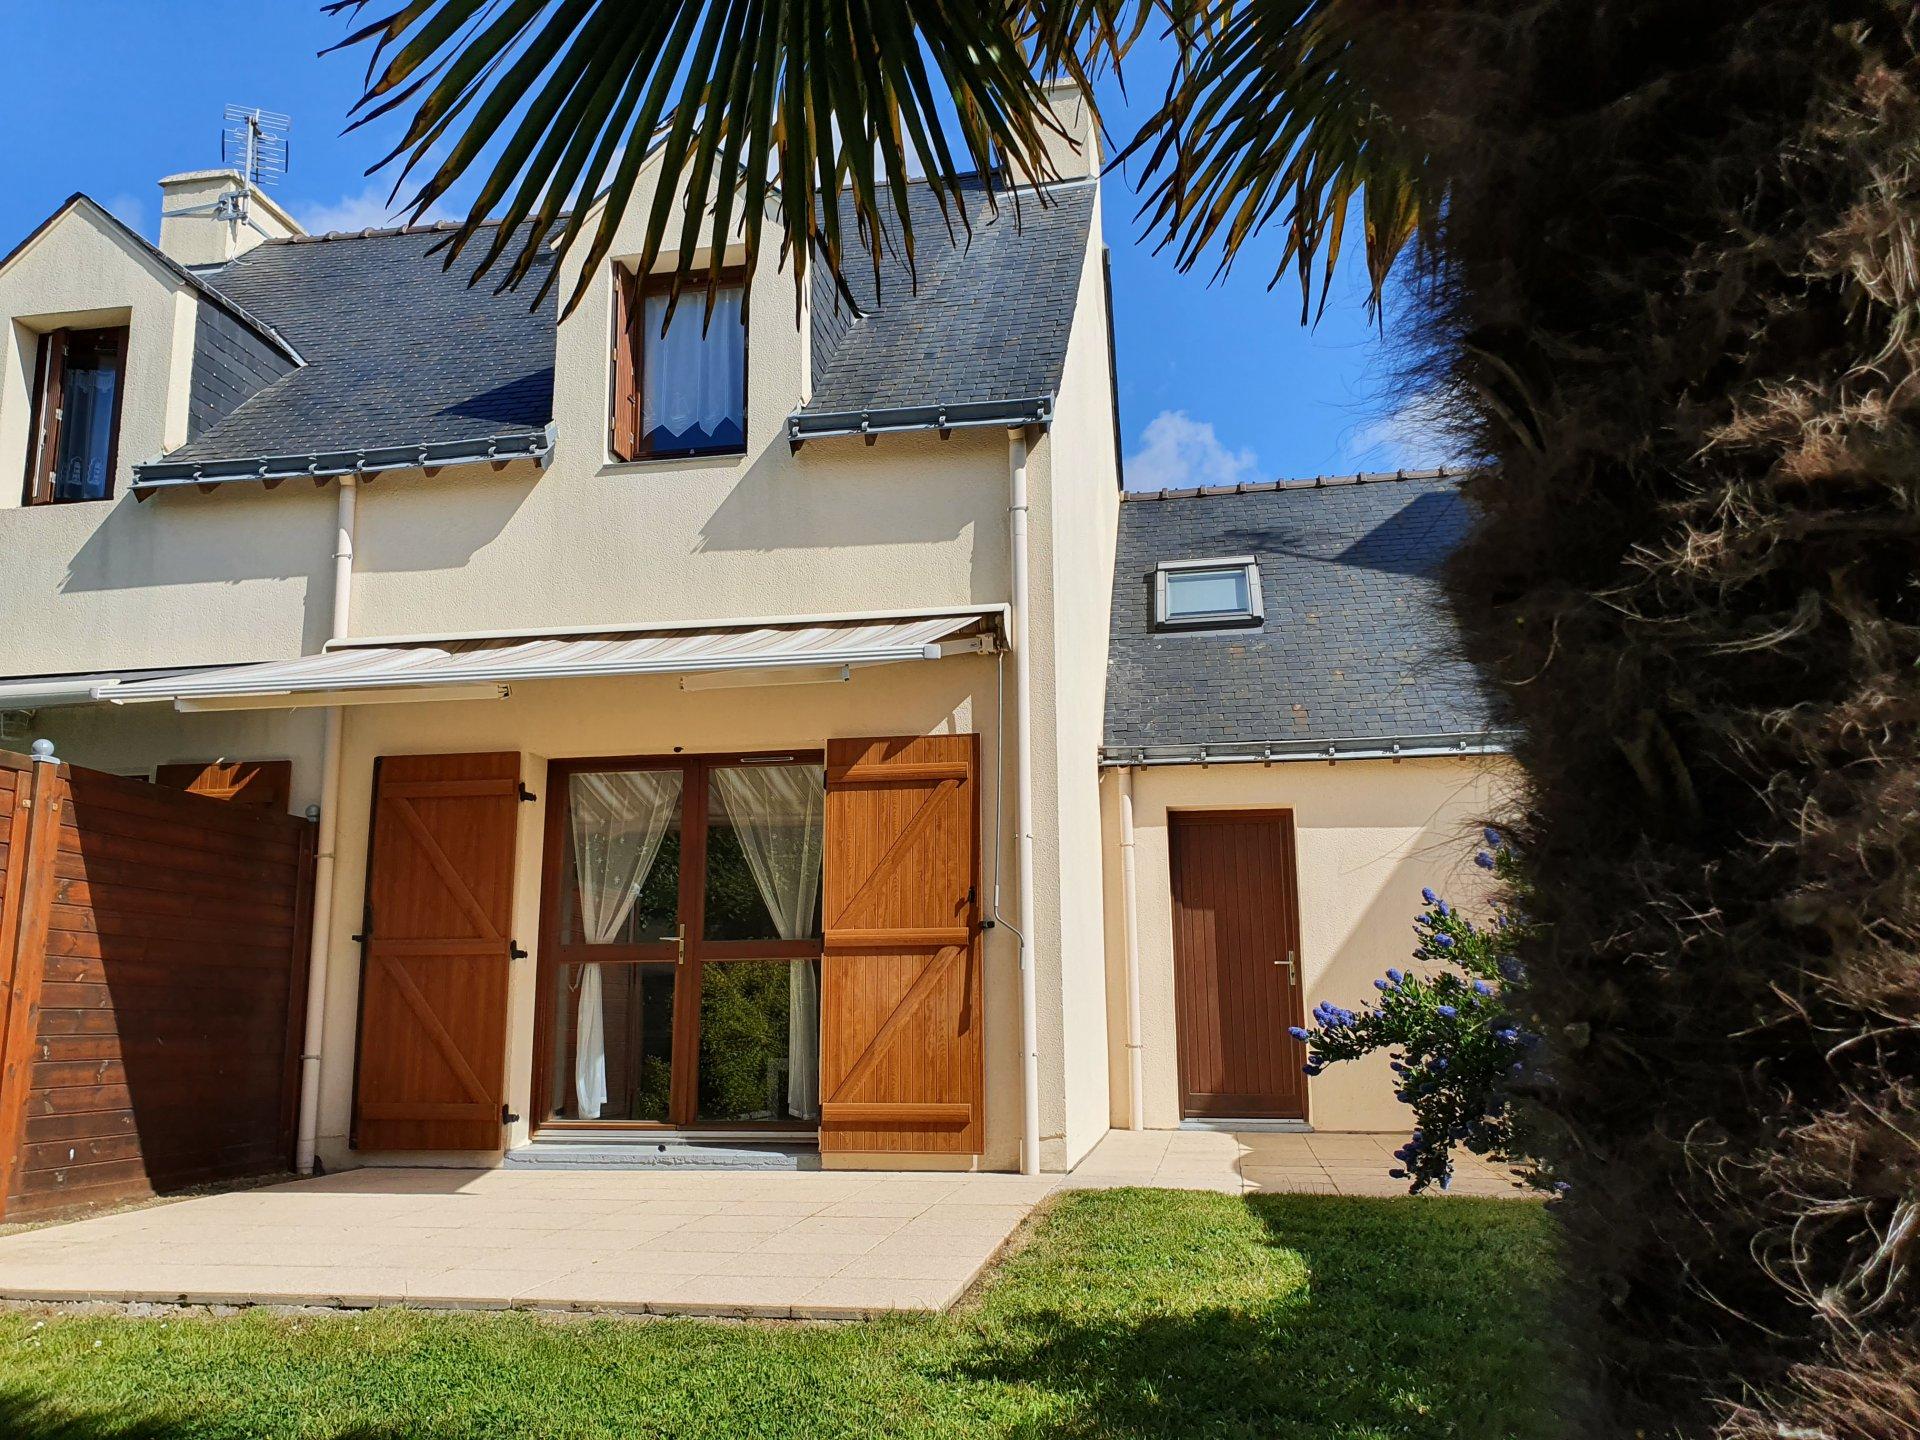 Maison à louer à Damgan  Maison pour 4 personnes à 80m de la mer